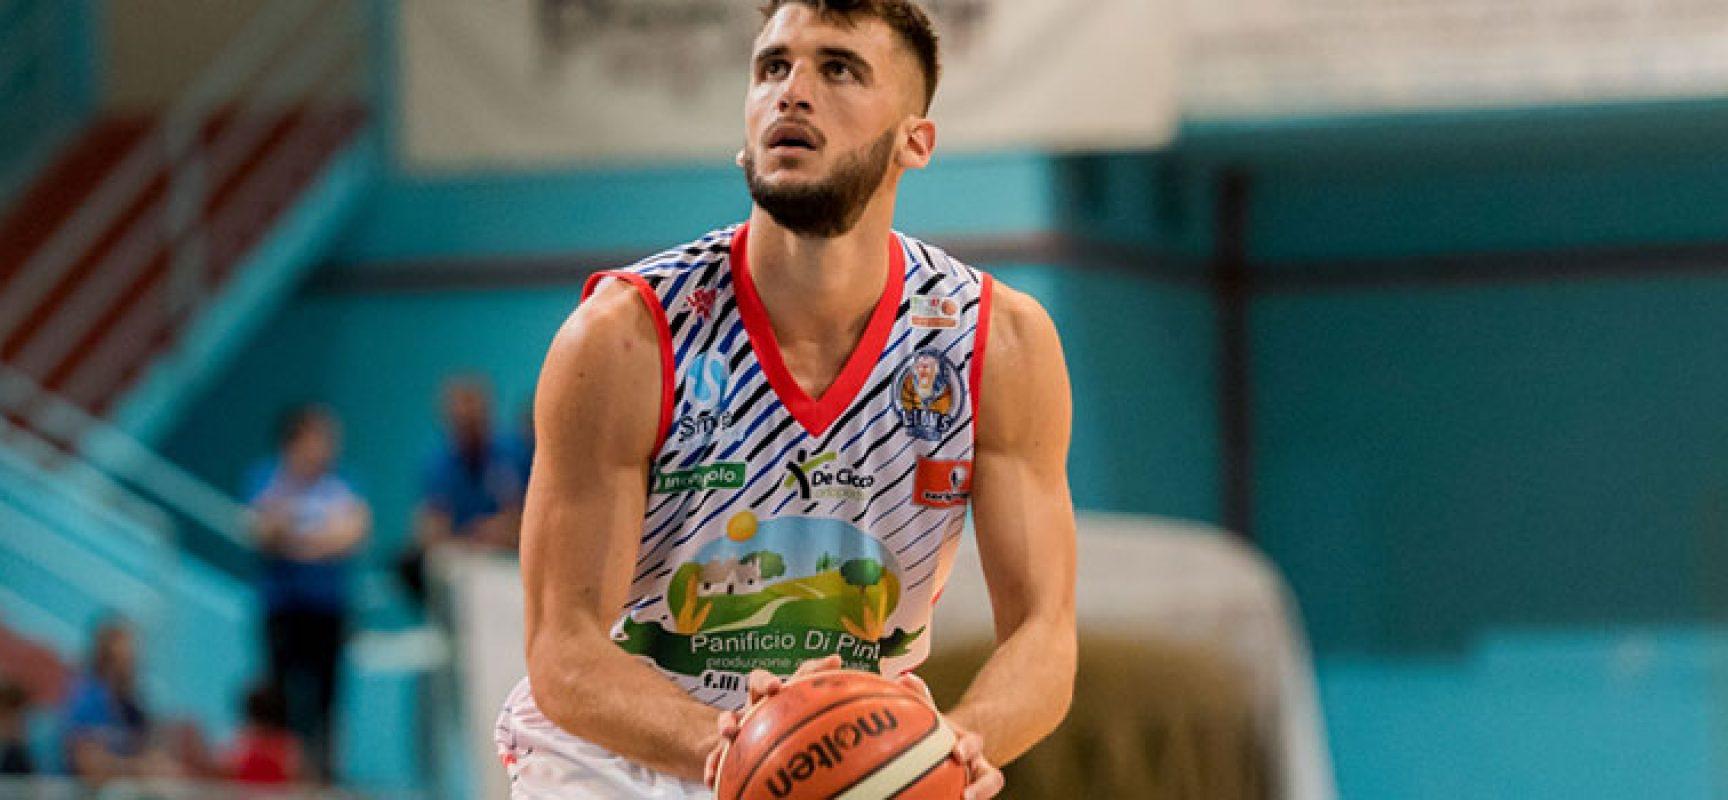 Basket, trasferta ostica per la Di Pinto Panifici in casa della Goldengas Senigallia